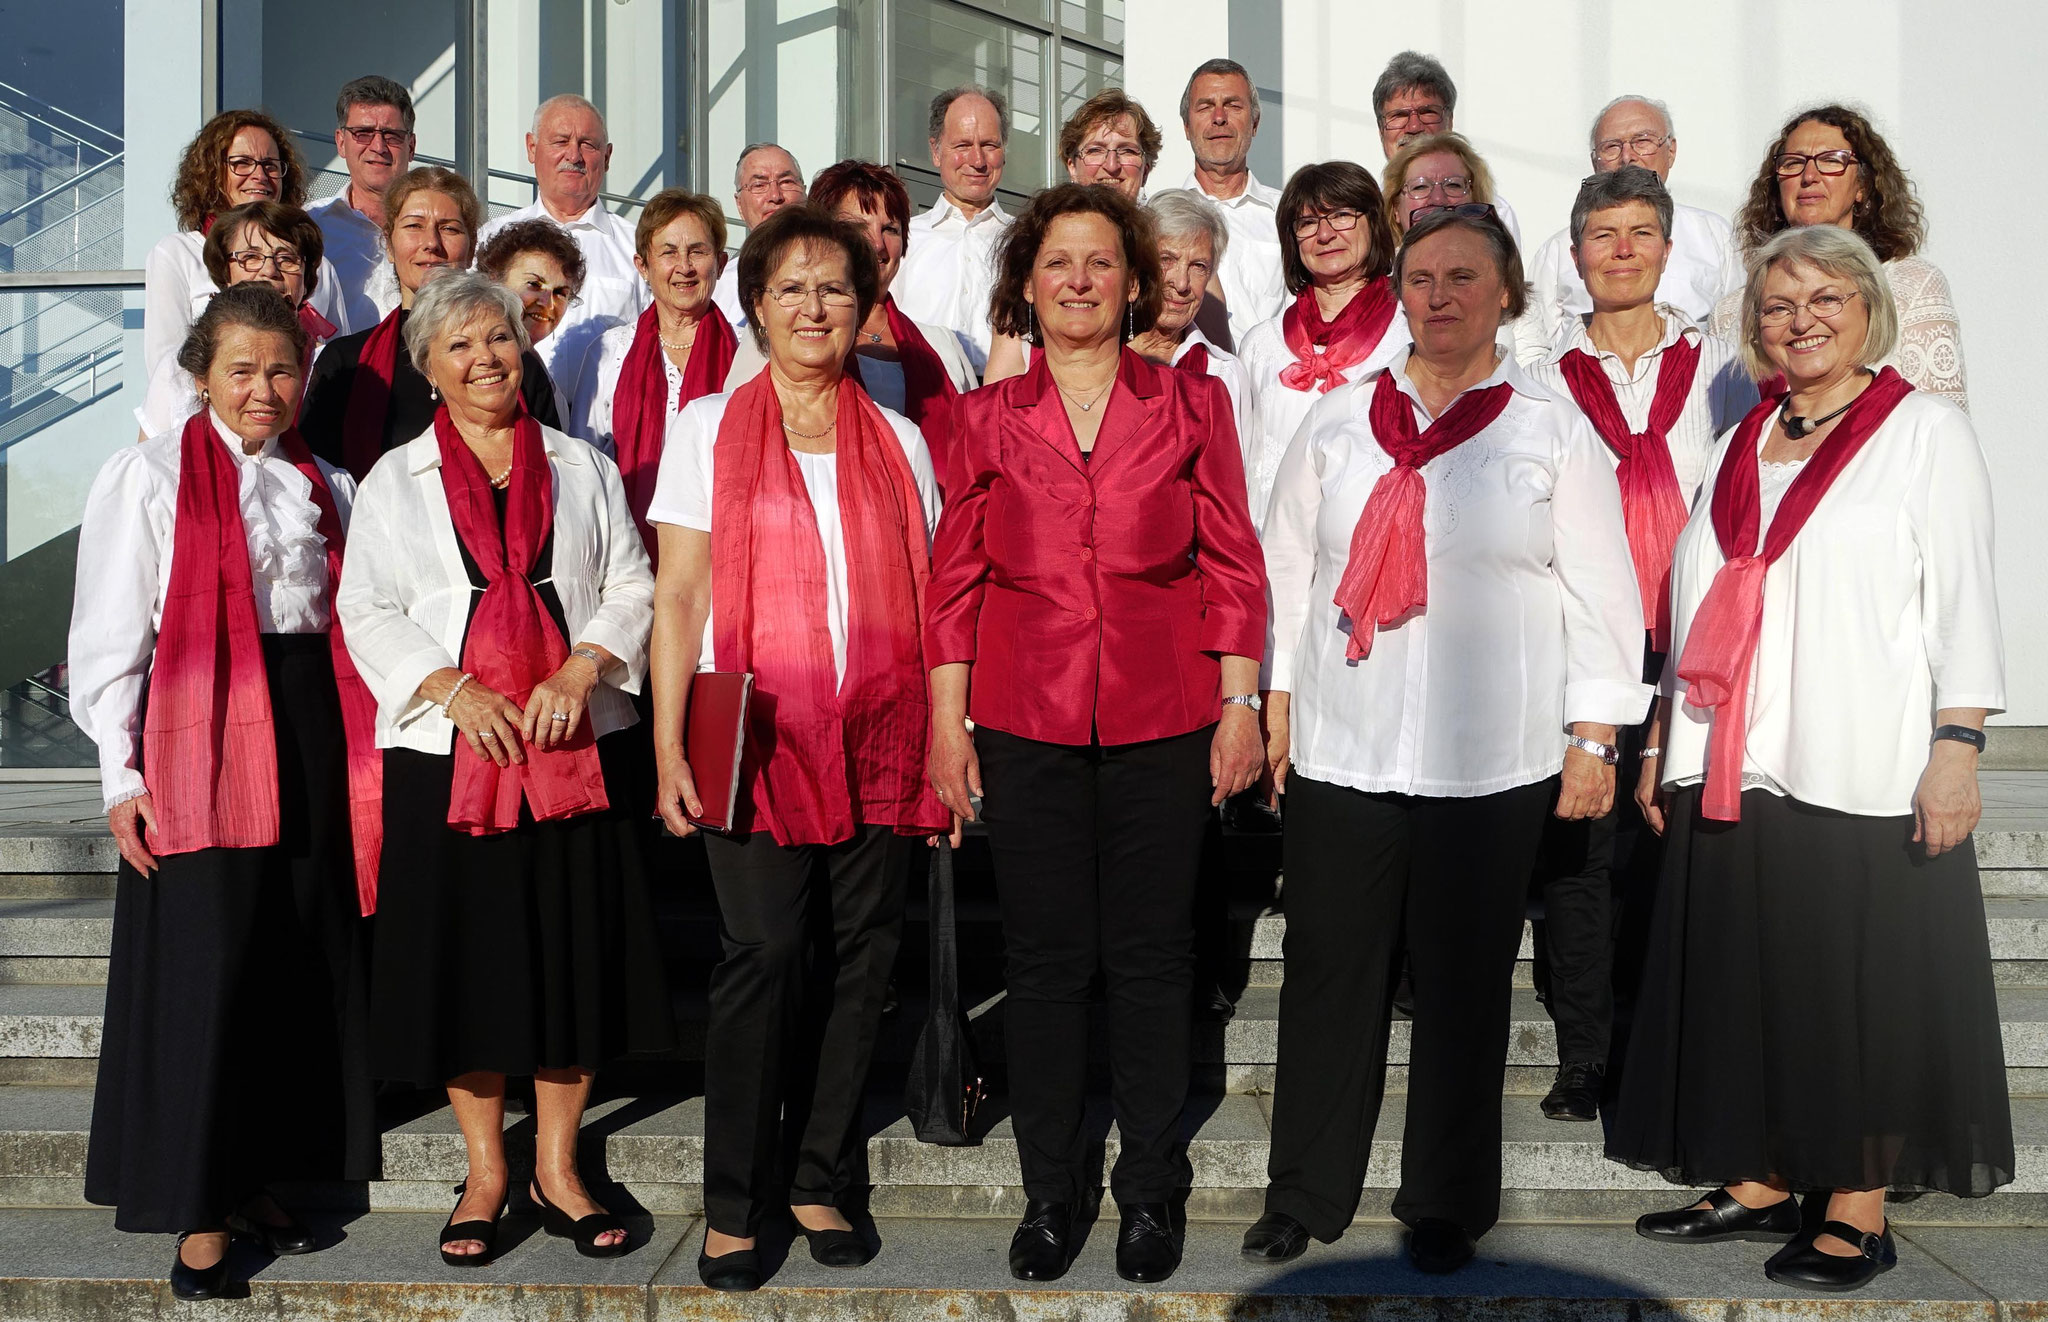 13. 05. 2017 - am Gemeinschaftskonzert des Chorverbands Region Münchner Osten im Bürgerhaus in Haar